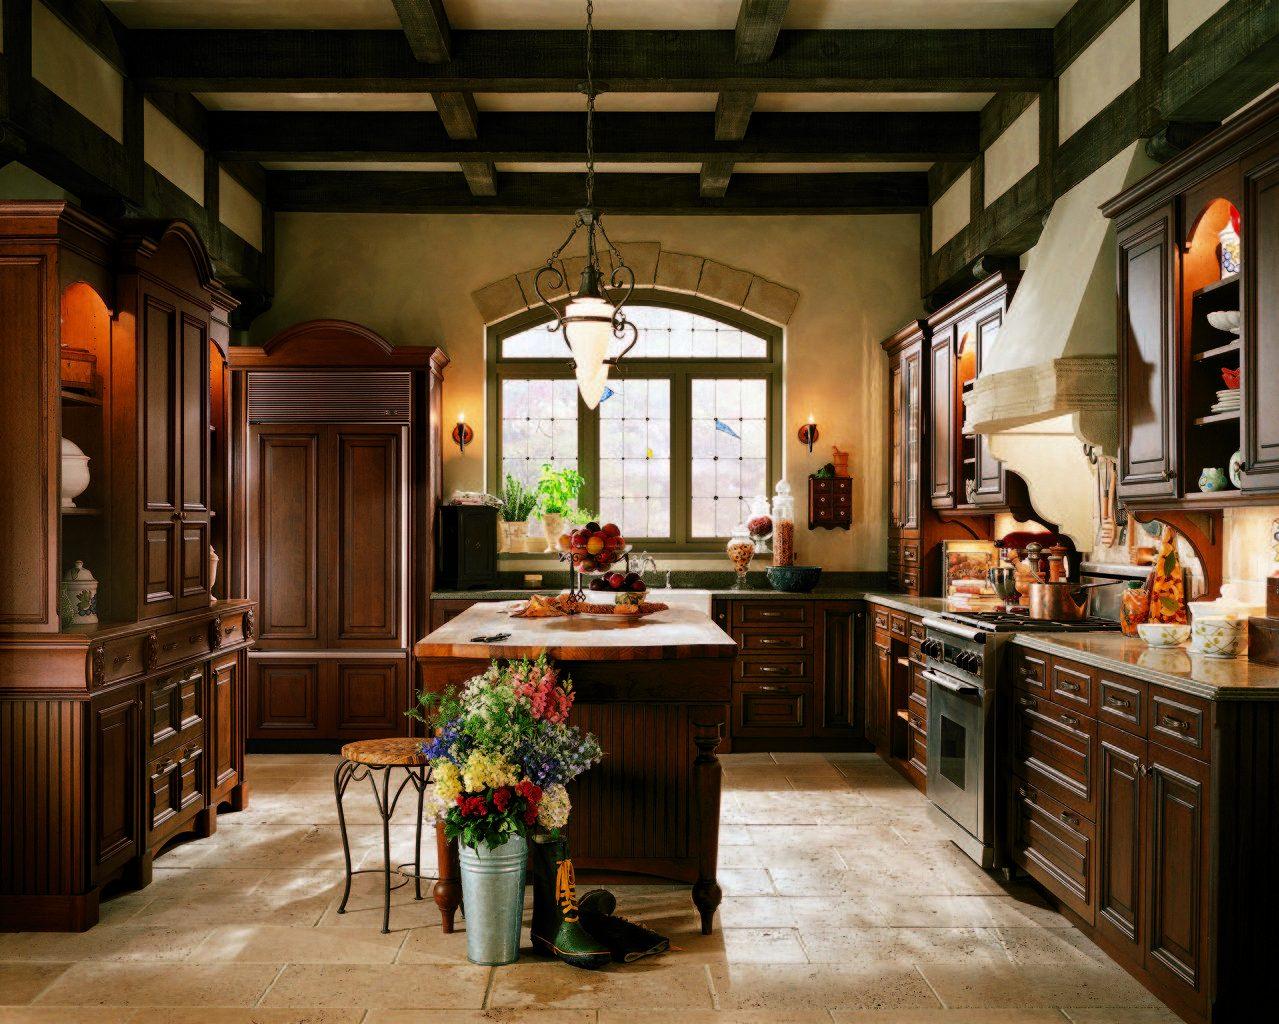 Cocina de estilo ingl s im genes y fotos for Decoracion de interiores estilo clasico